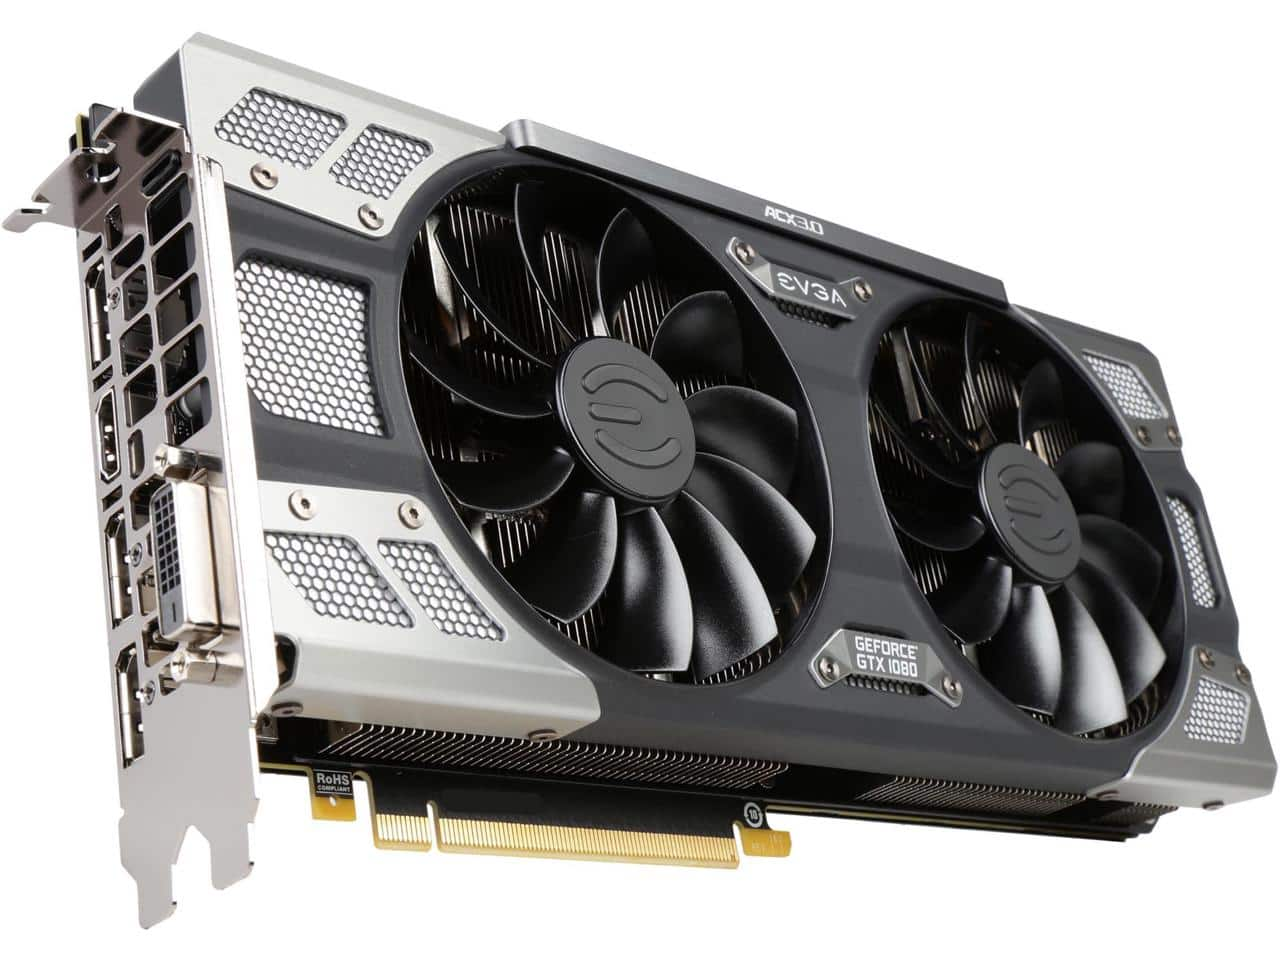 EVGA GeForce GTX 1080 FTW GAMING $659.99